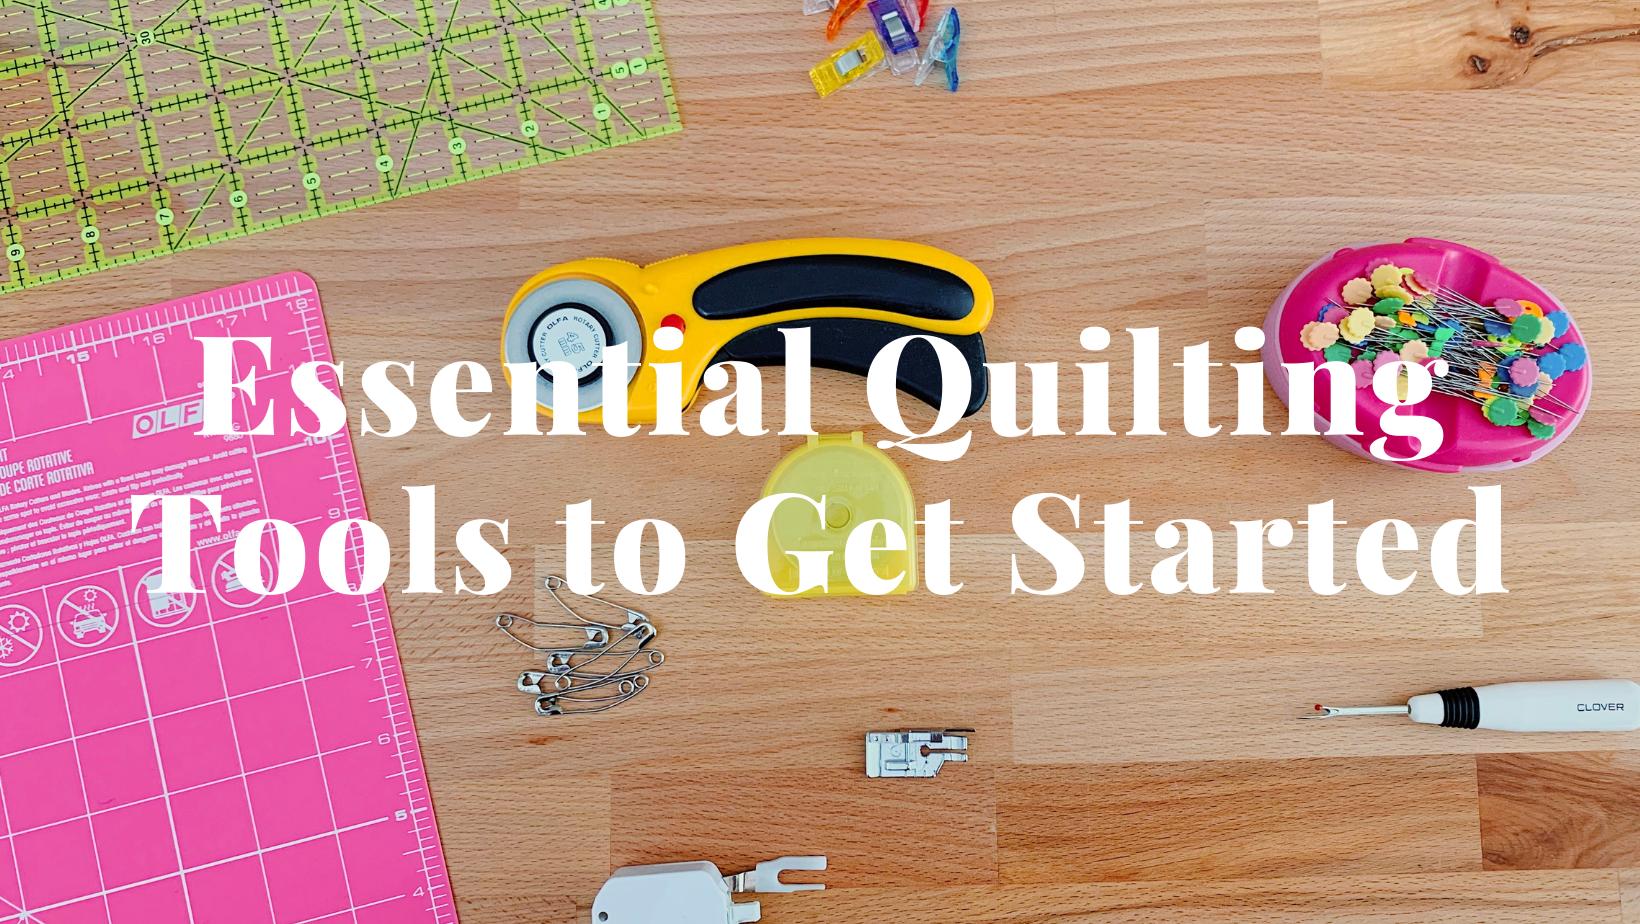 Essential quilting tools